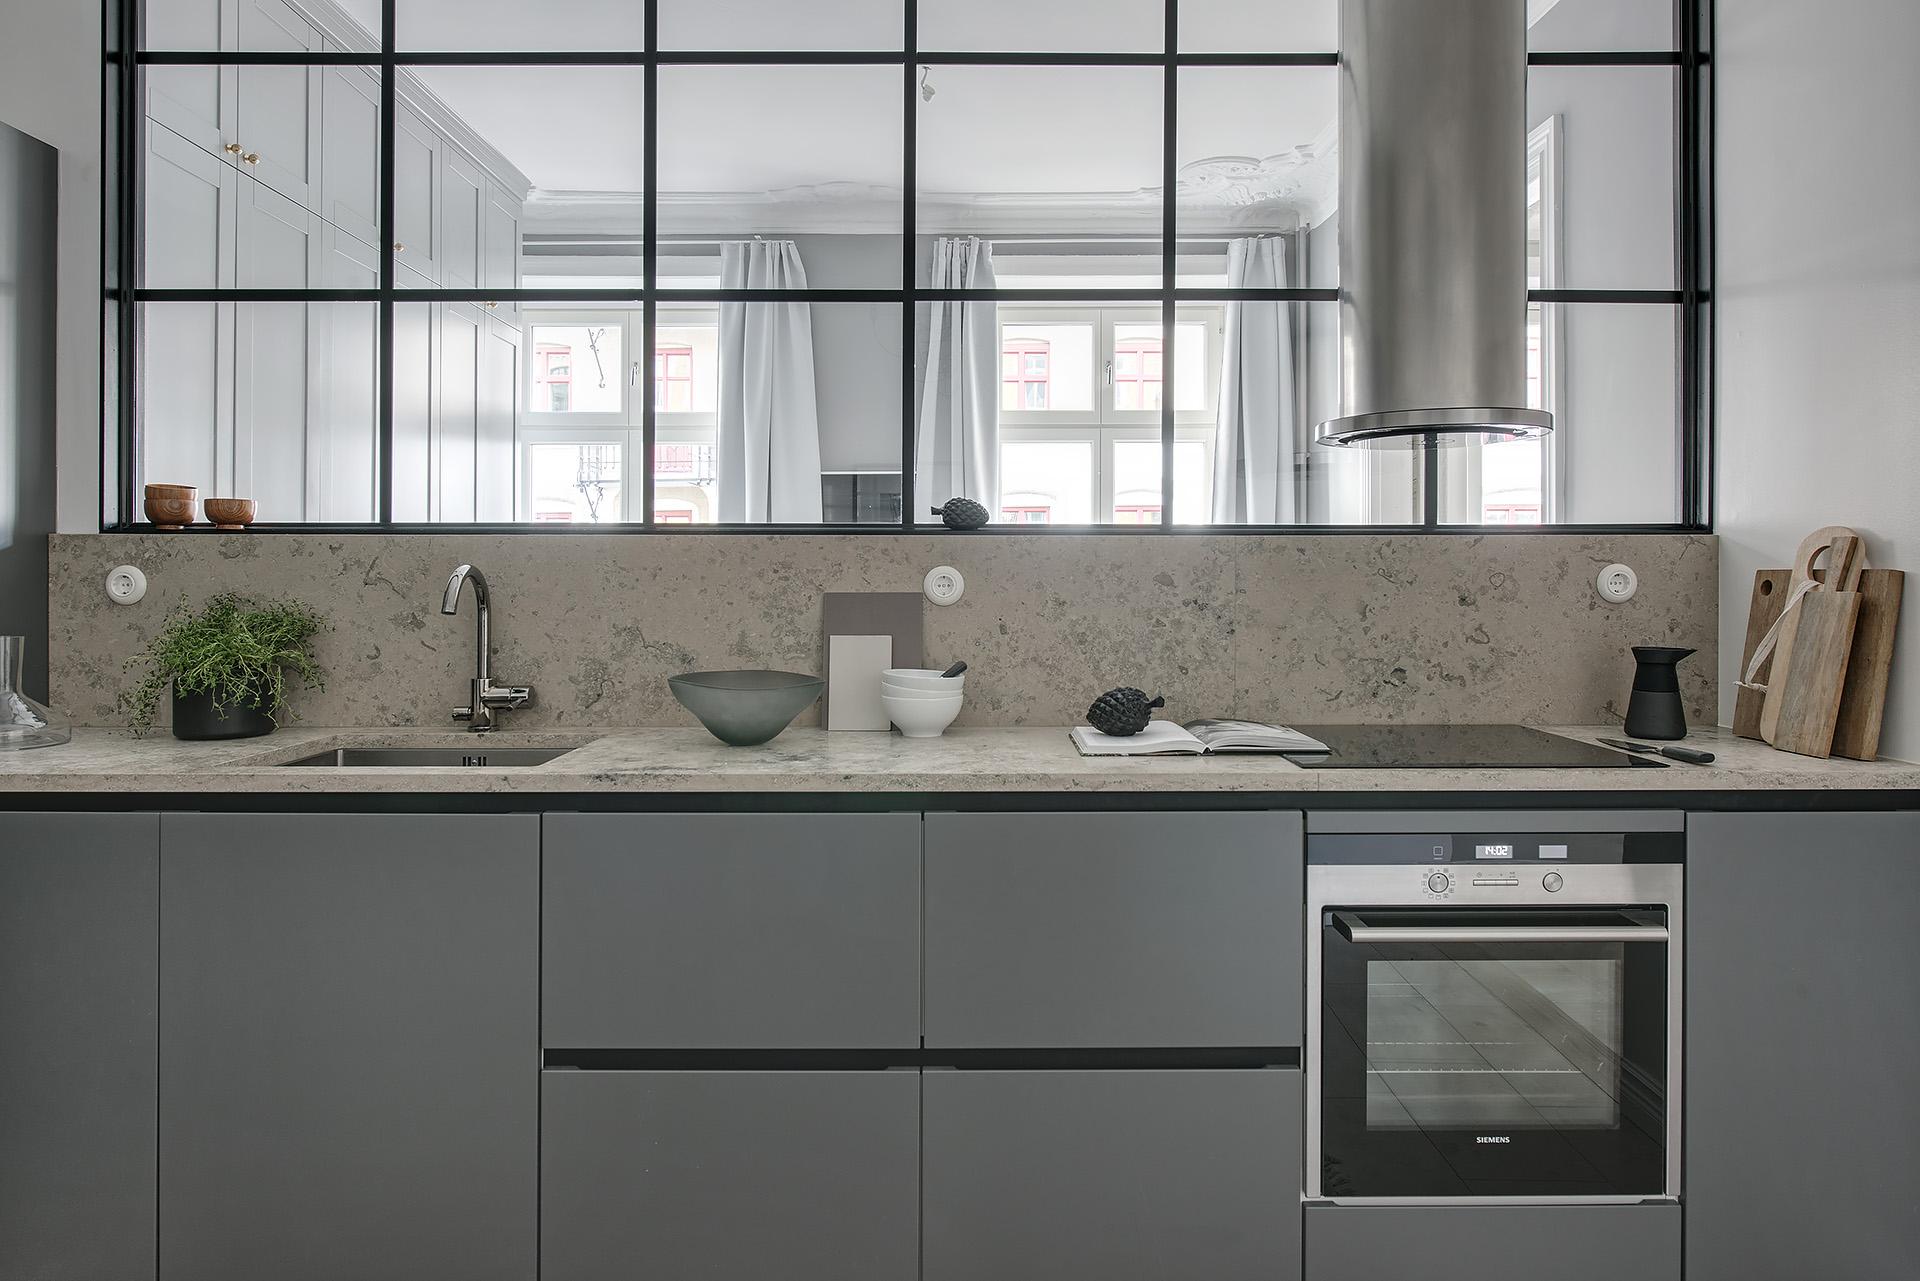 сварная стеклянная перегородка кухня мебель серые фасады бежевая столешница мрамор камень мойка смеситель варочная панель духовка круглая вытяжка